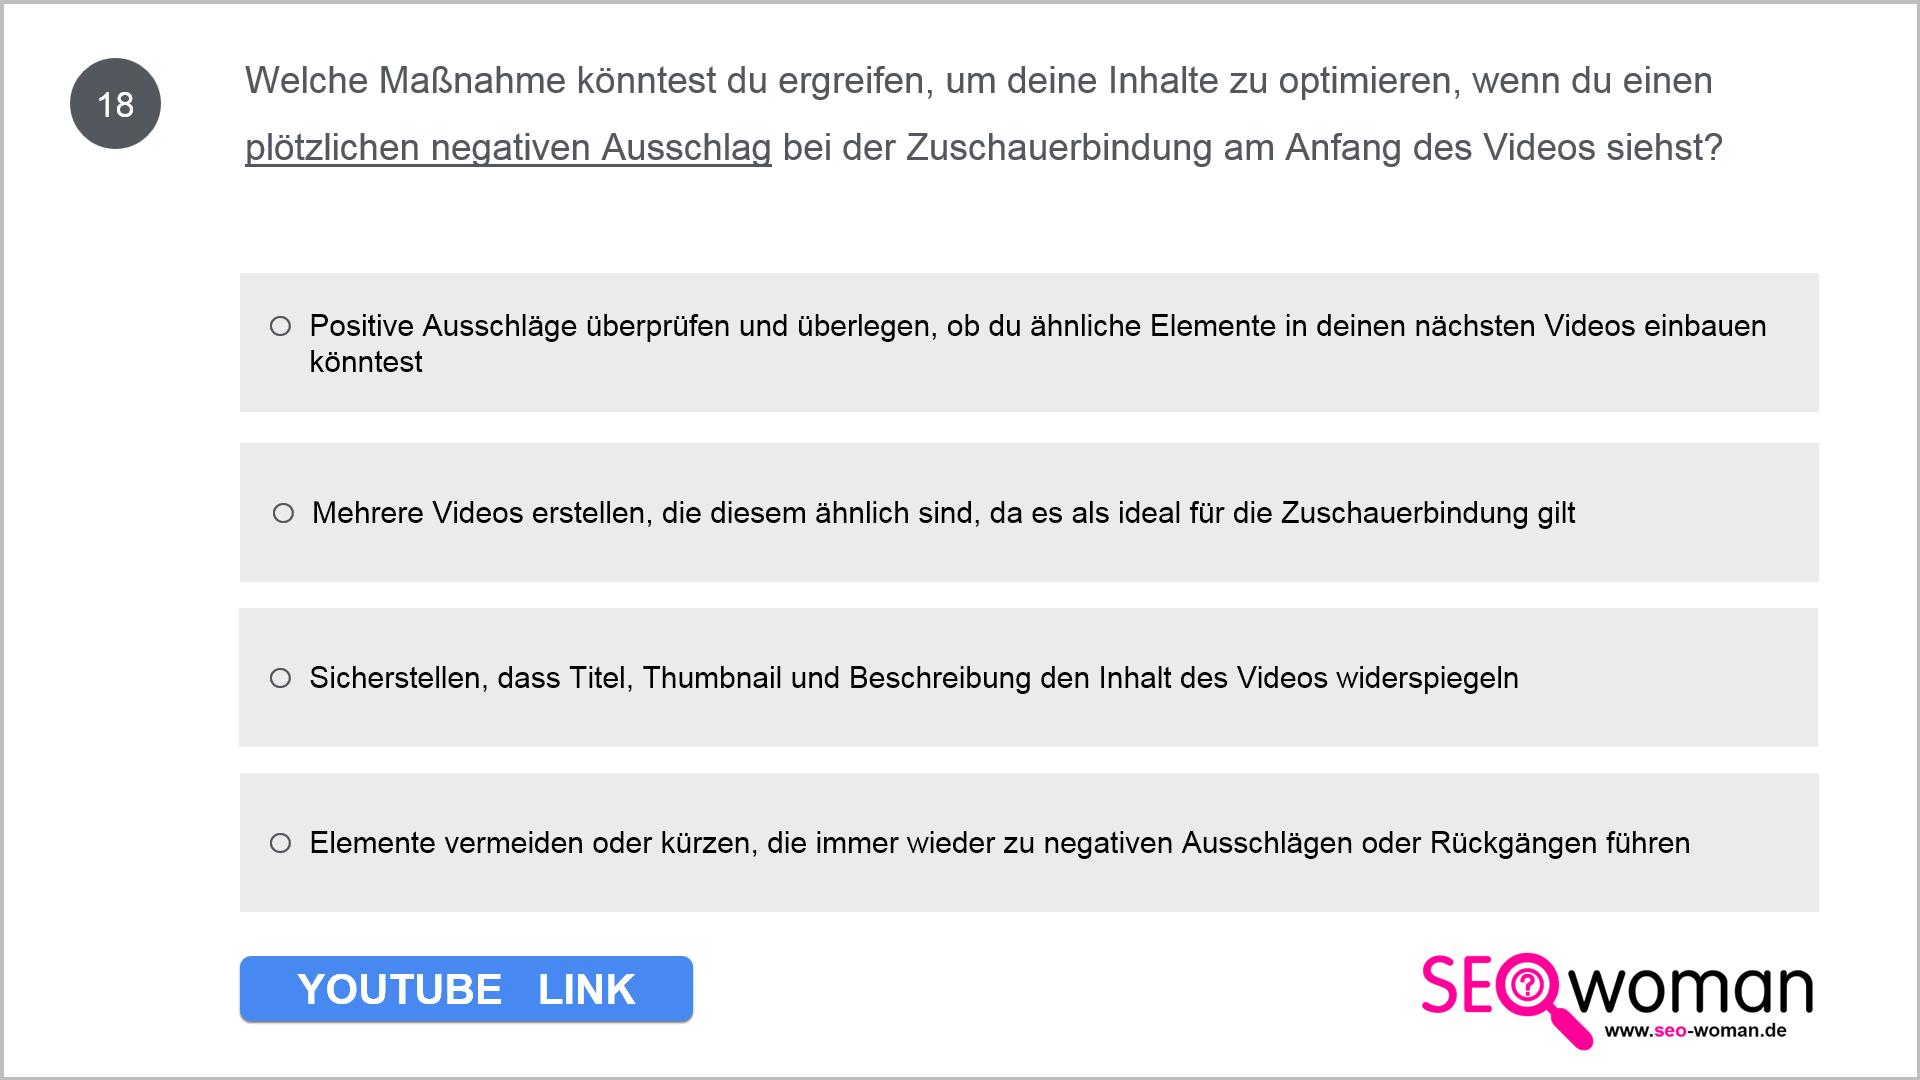 Welche Maßnahme könntest du ergreifen, um deine Inhalte zu optimieren, wenn du einen plötzlichen negativen Ausschlag bei der Zuschauerbindung am Anfang des Videos siehst?